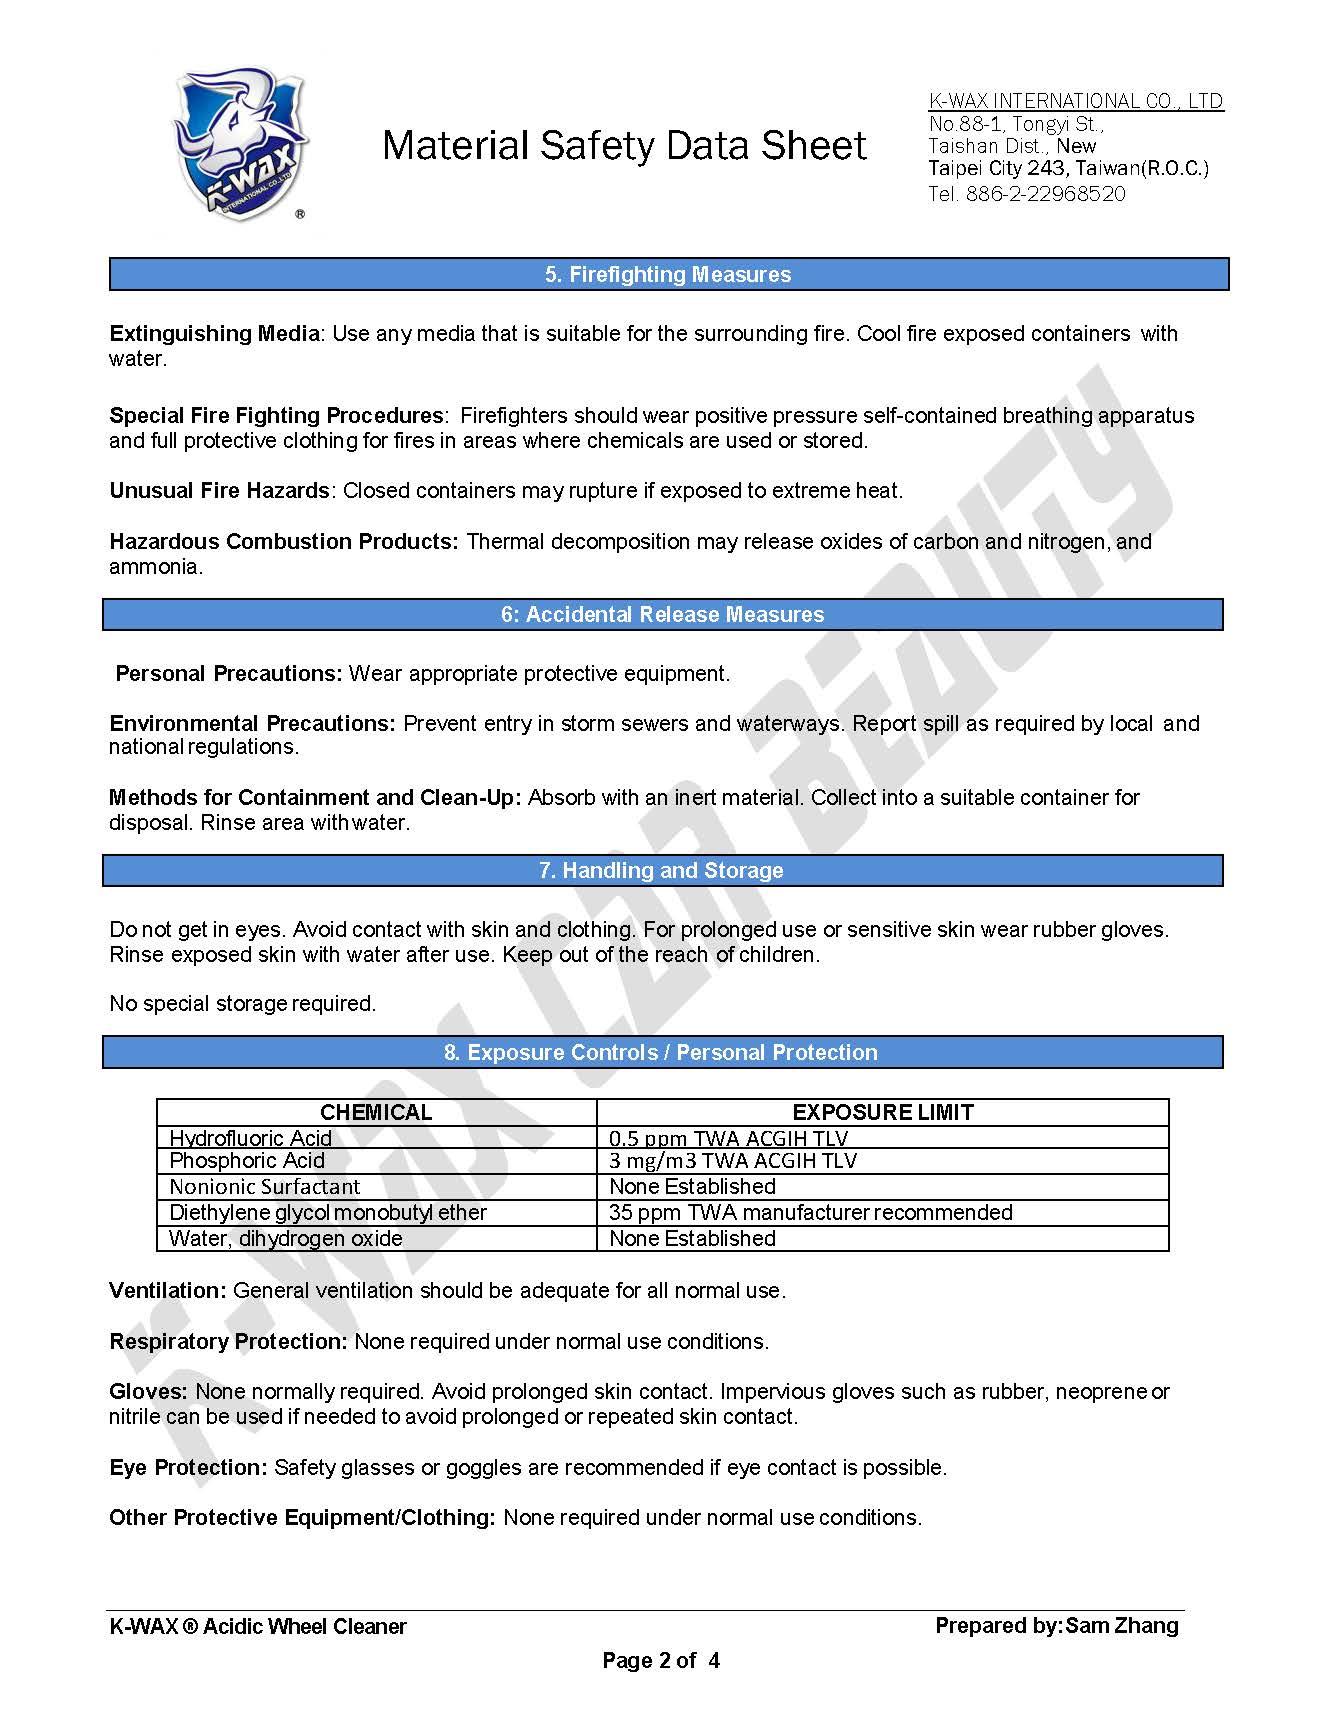 酸性鋼圈劑 MSDS_页面_2.jpg